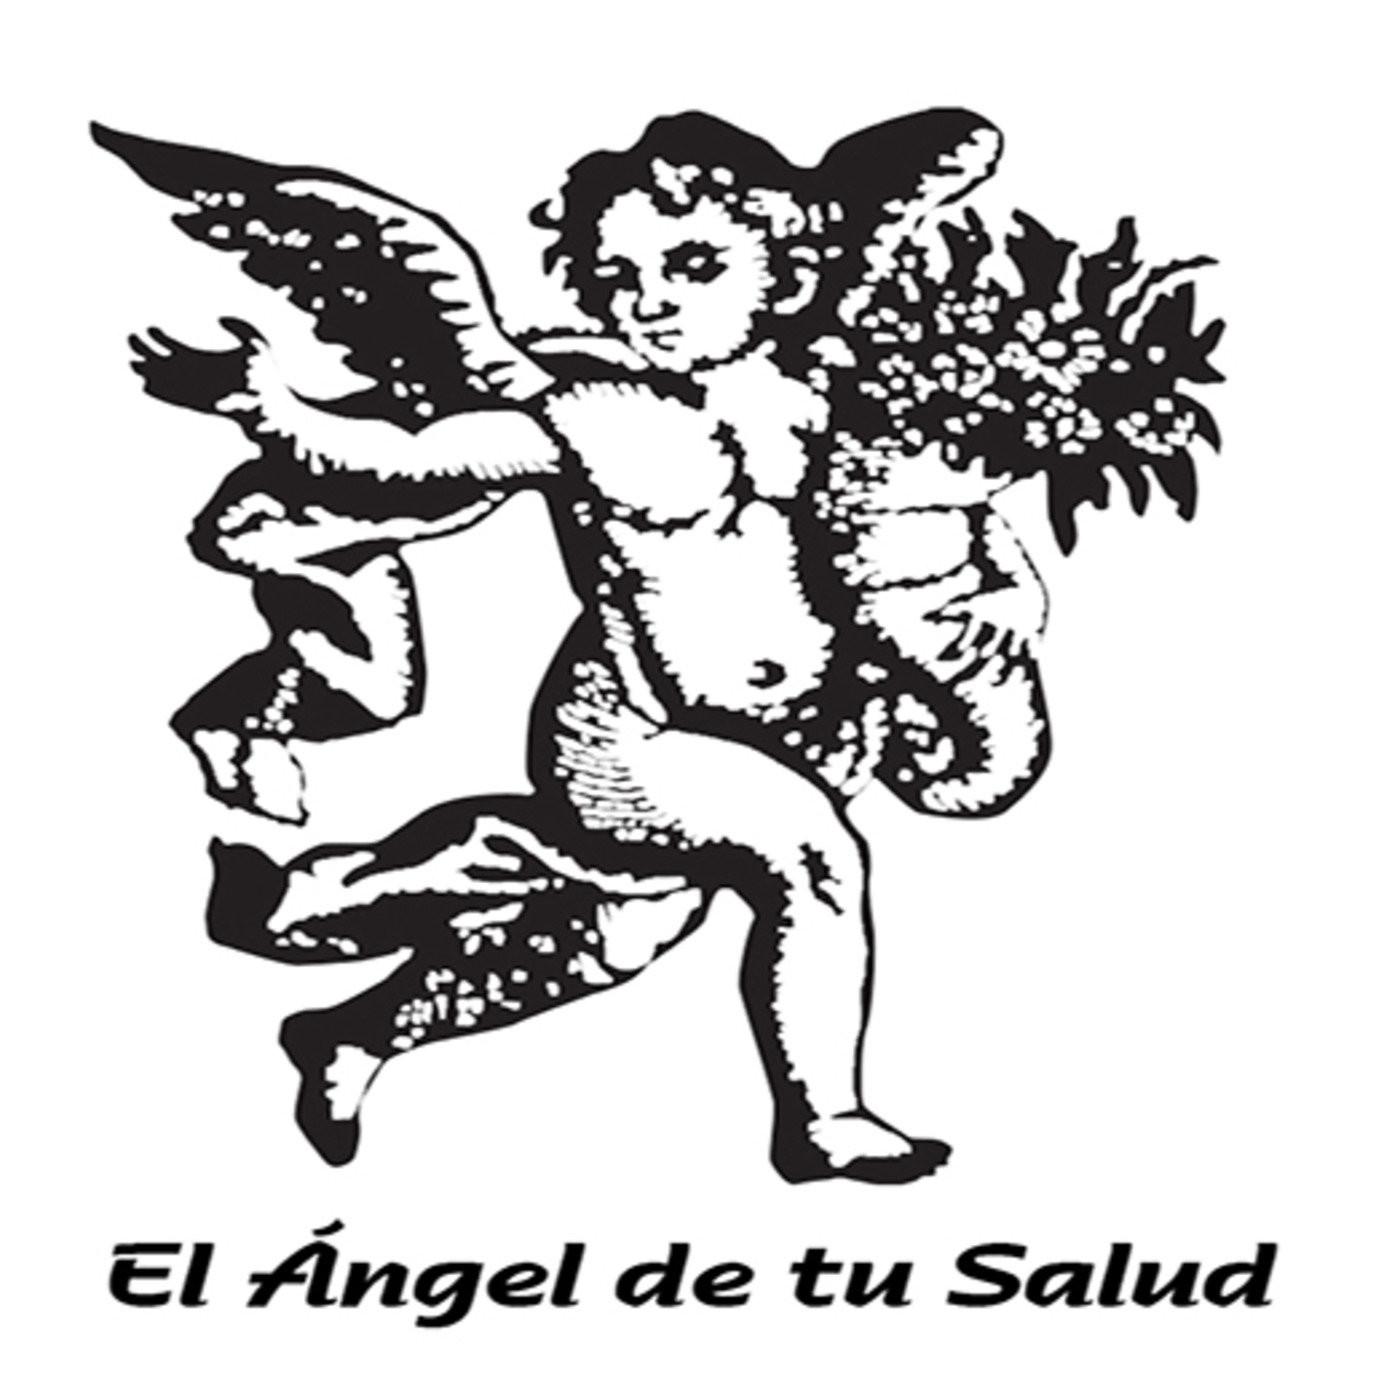 EL ÁNGEL DE TU SALUD